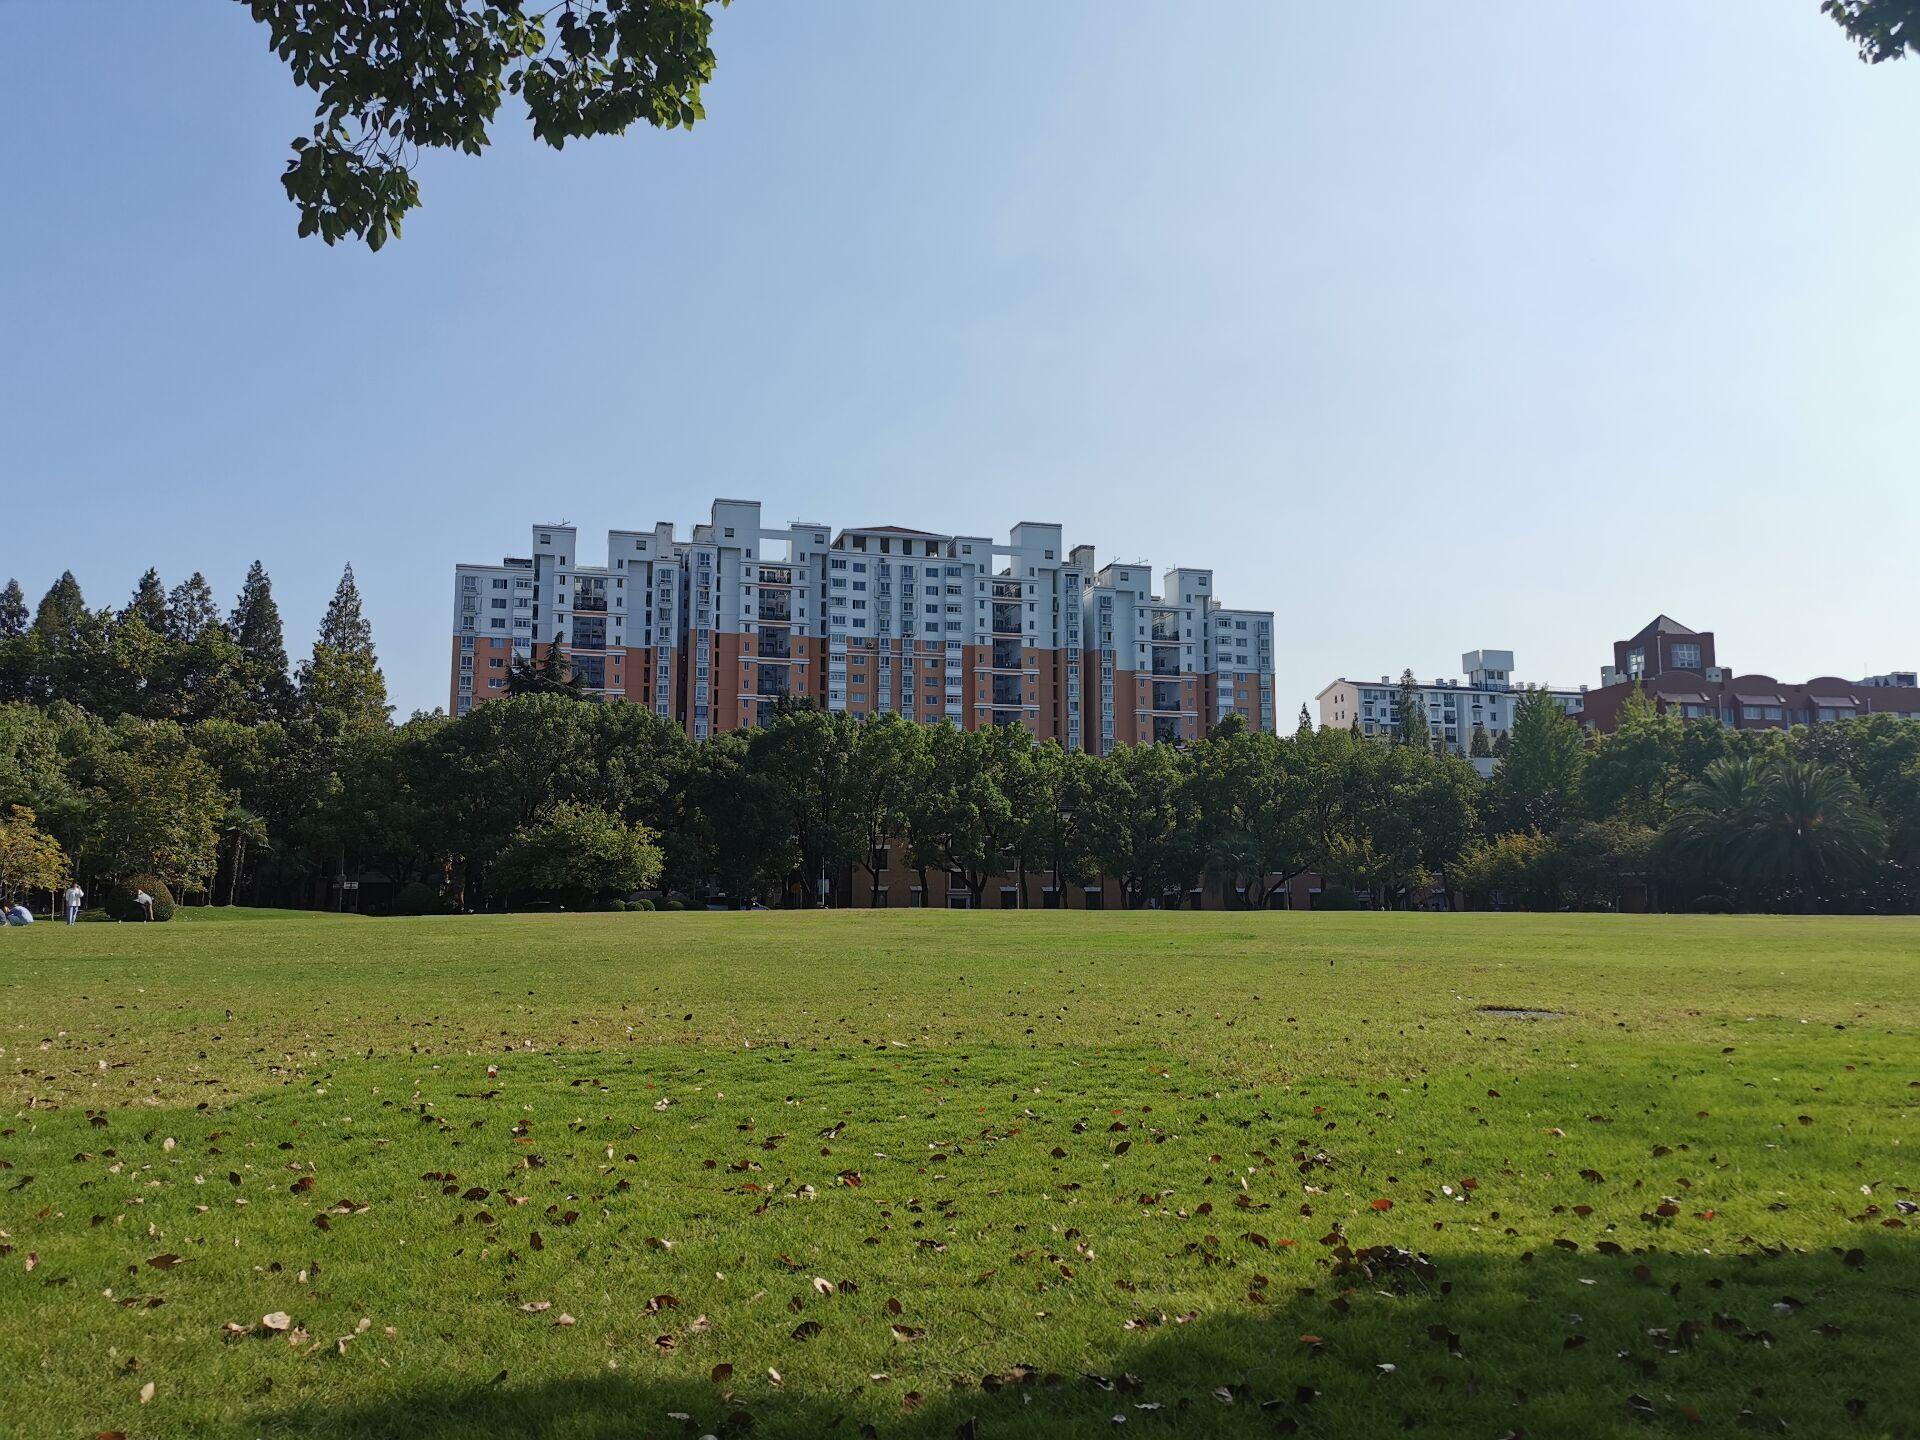 上海大学延长校区重游新拍8.jpg